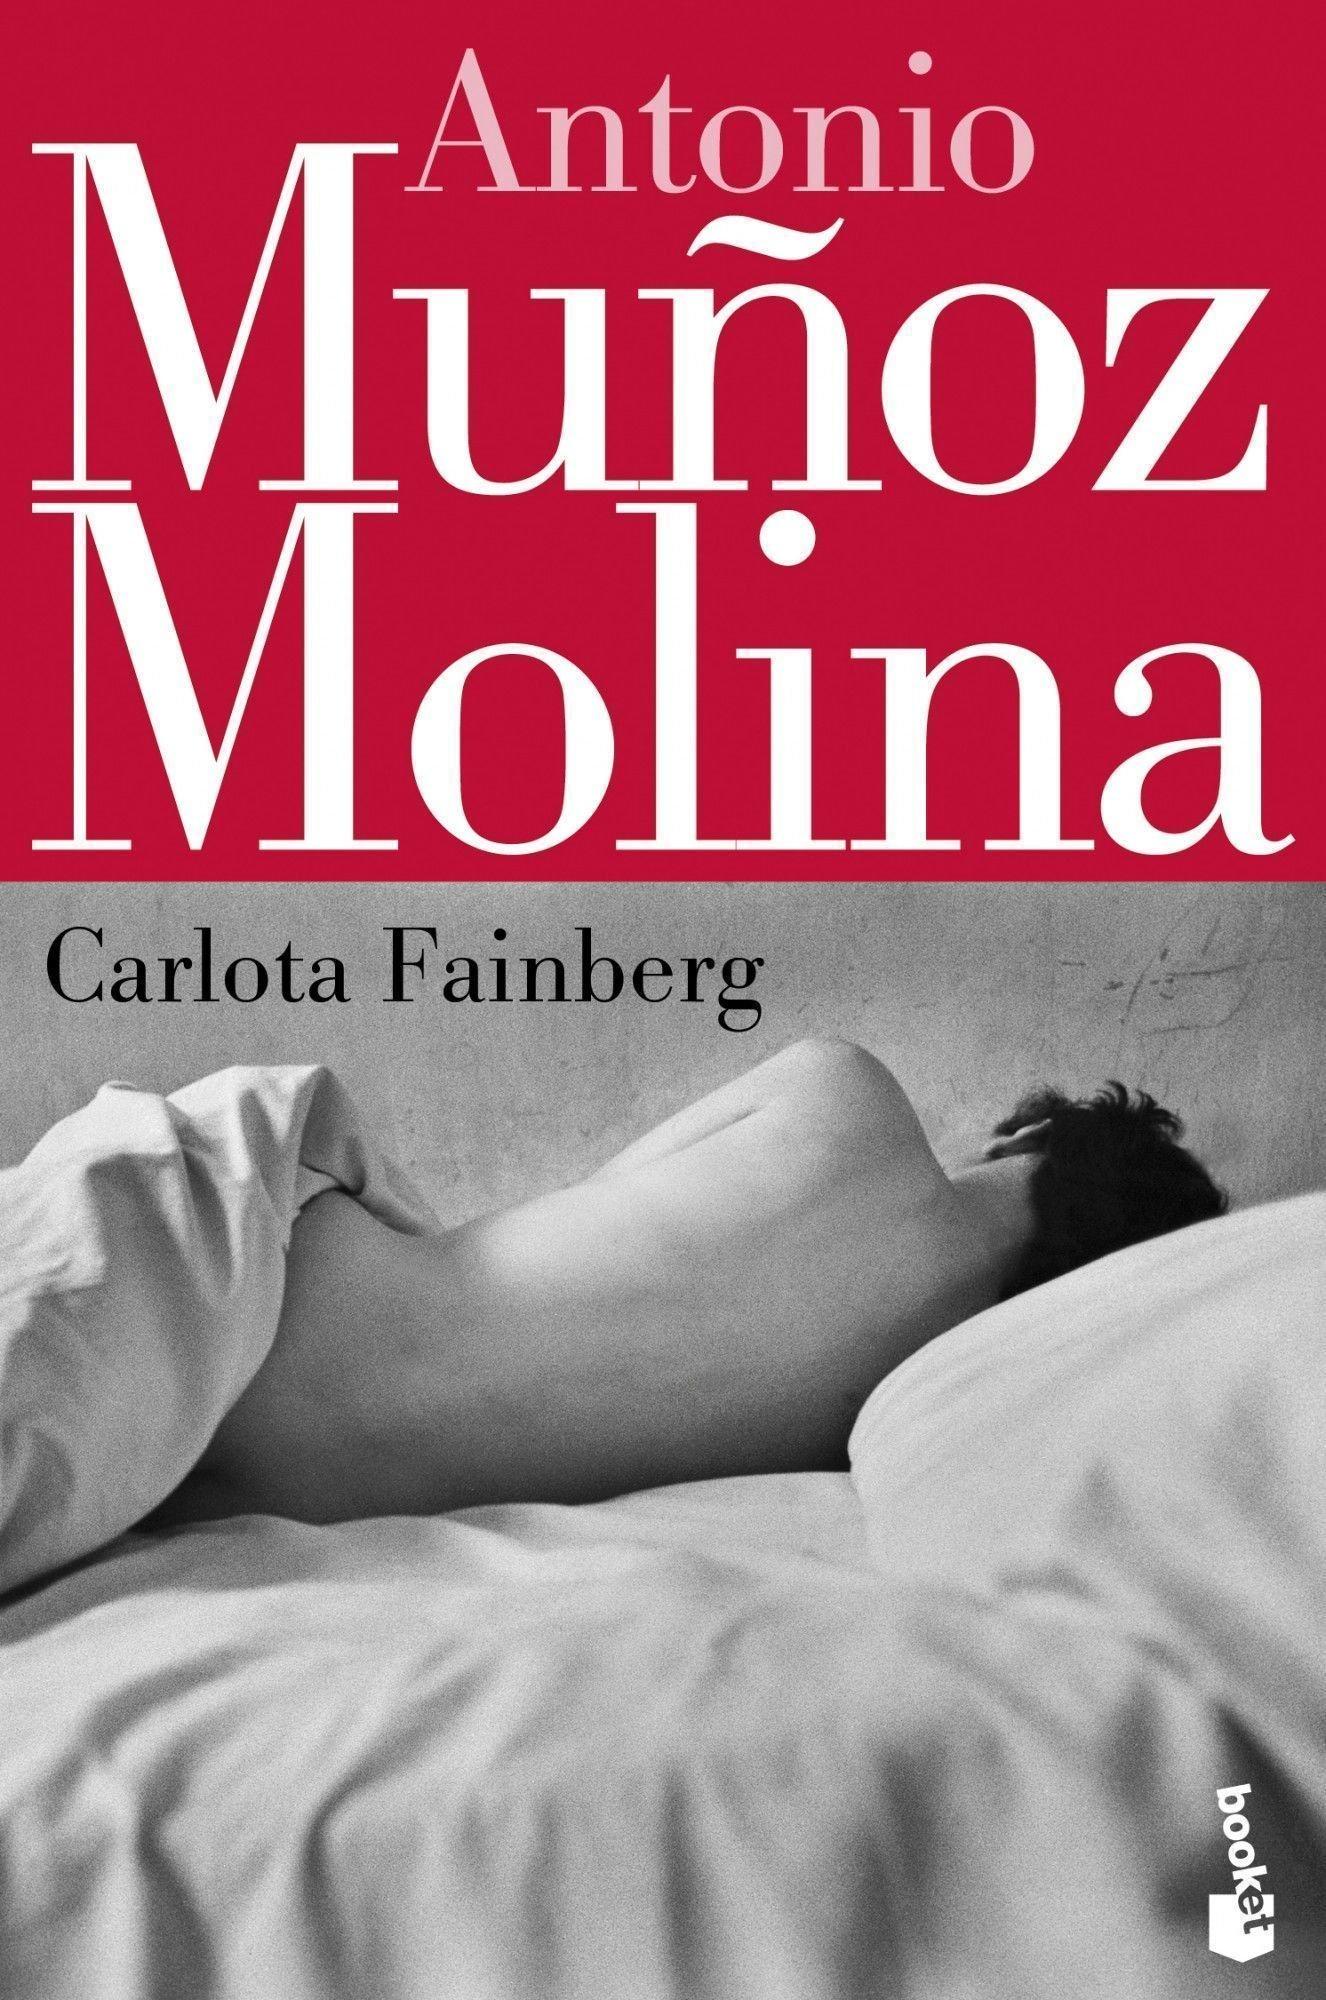 Carlota Fainberg (Biblioteca Antonio Muñoz Molina): Amazon.es: Muñoz Molina, Antonio: Libros